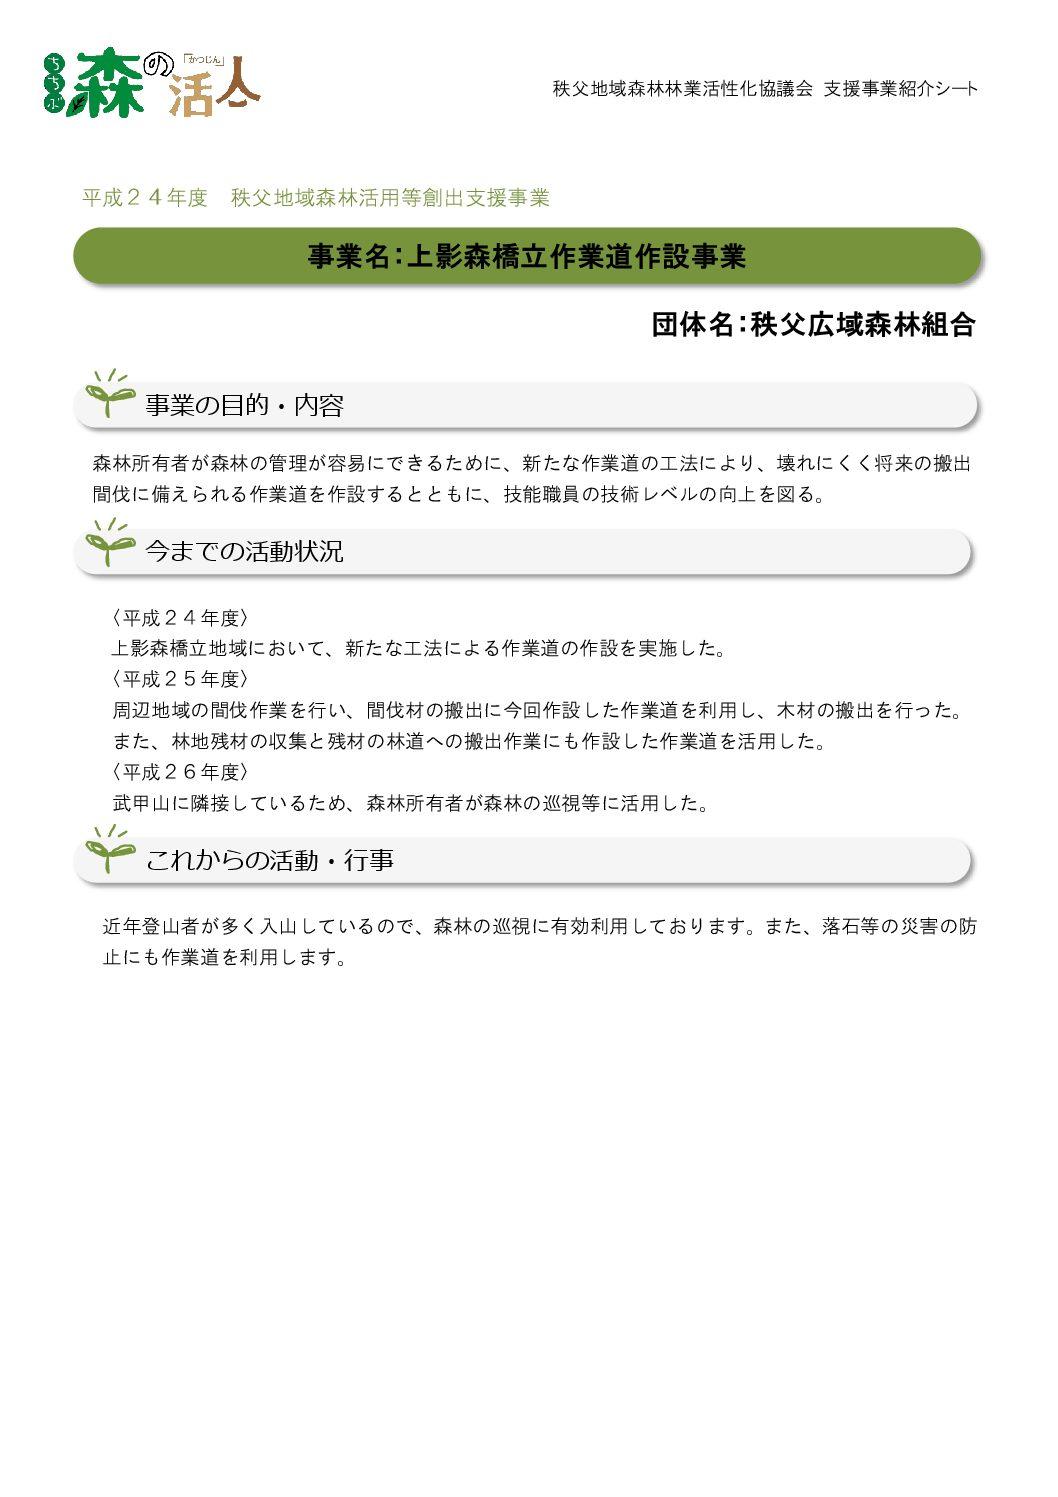 utilize0104_02